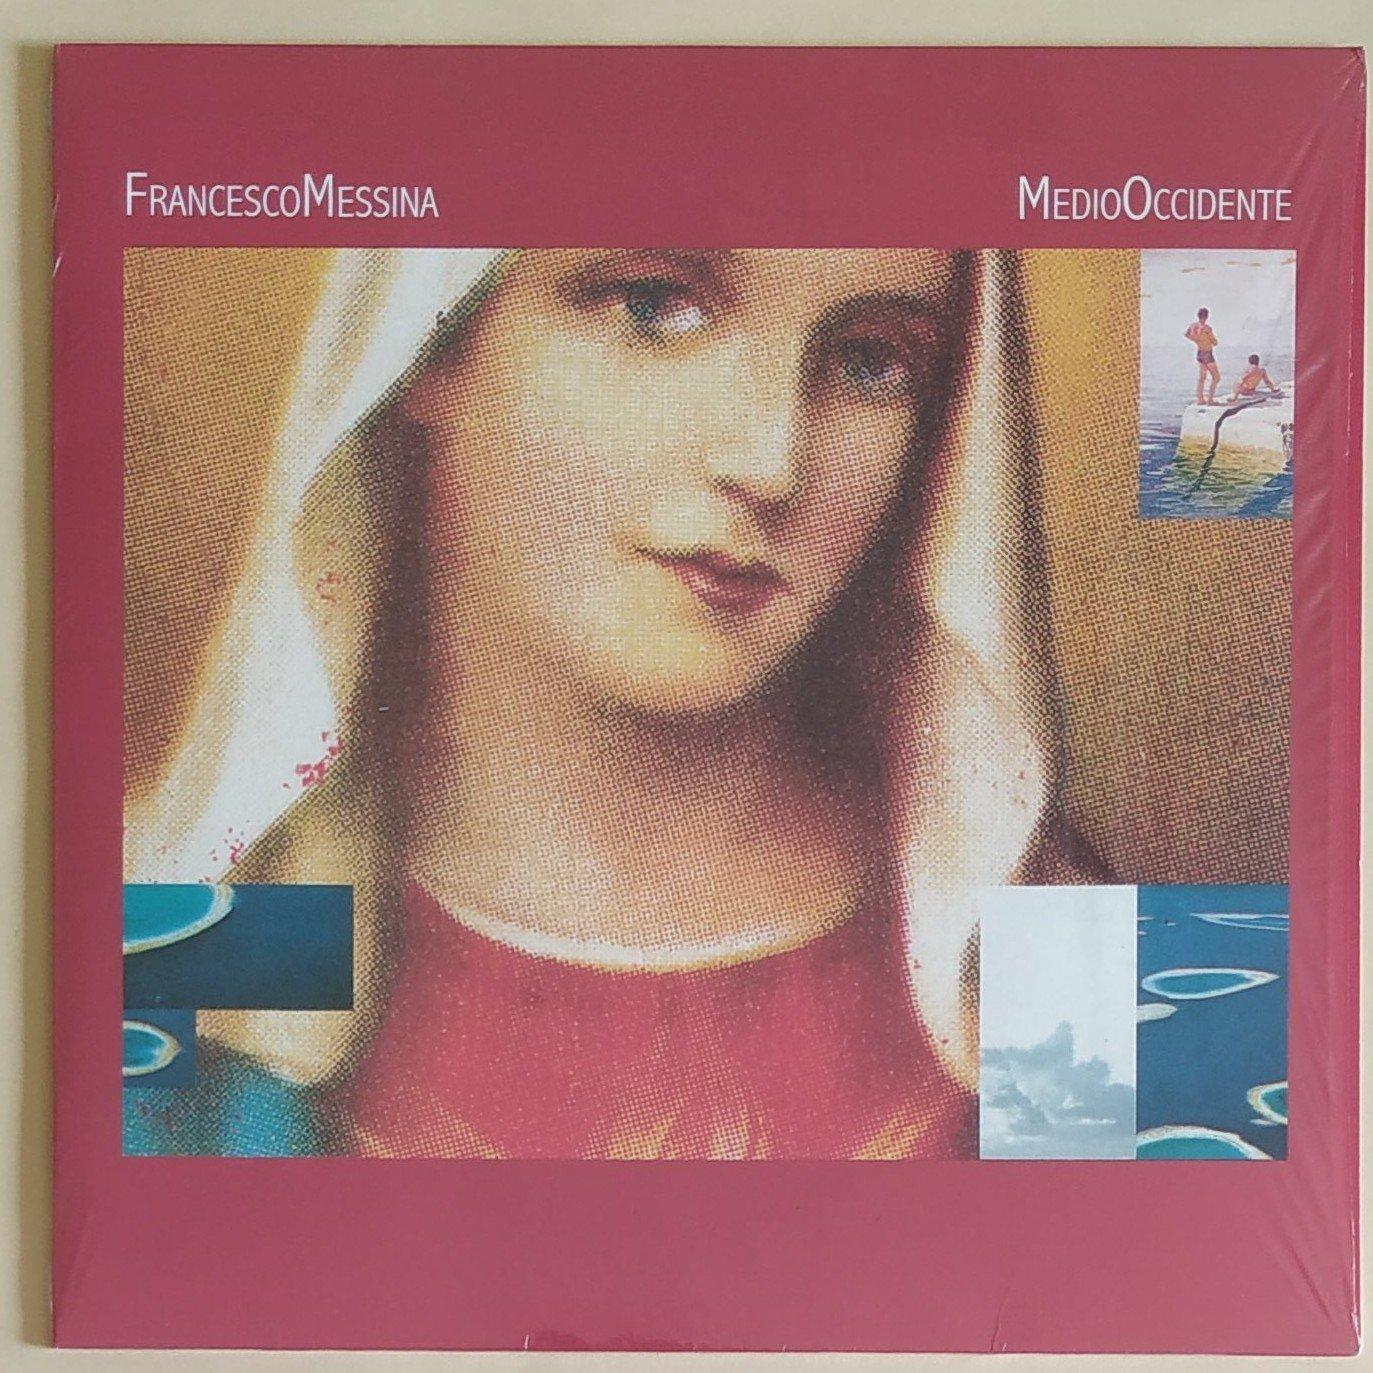 Image of Francesco Messina - Medio Occidente (Reissue)